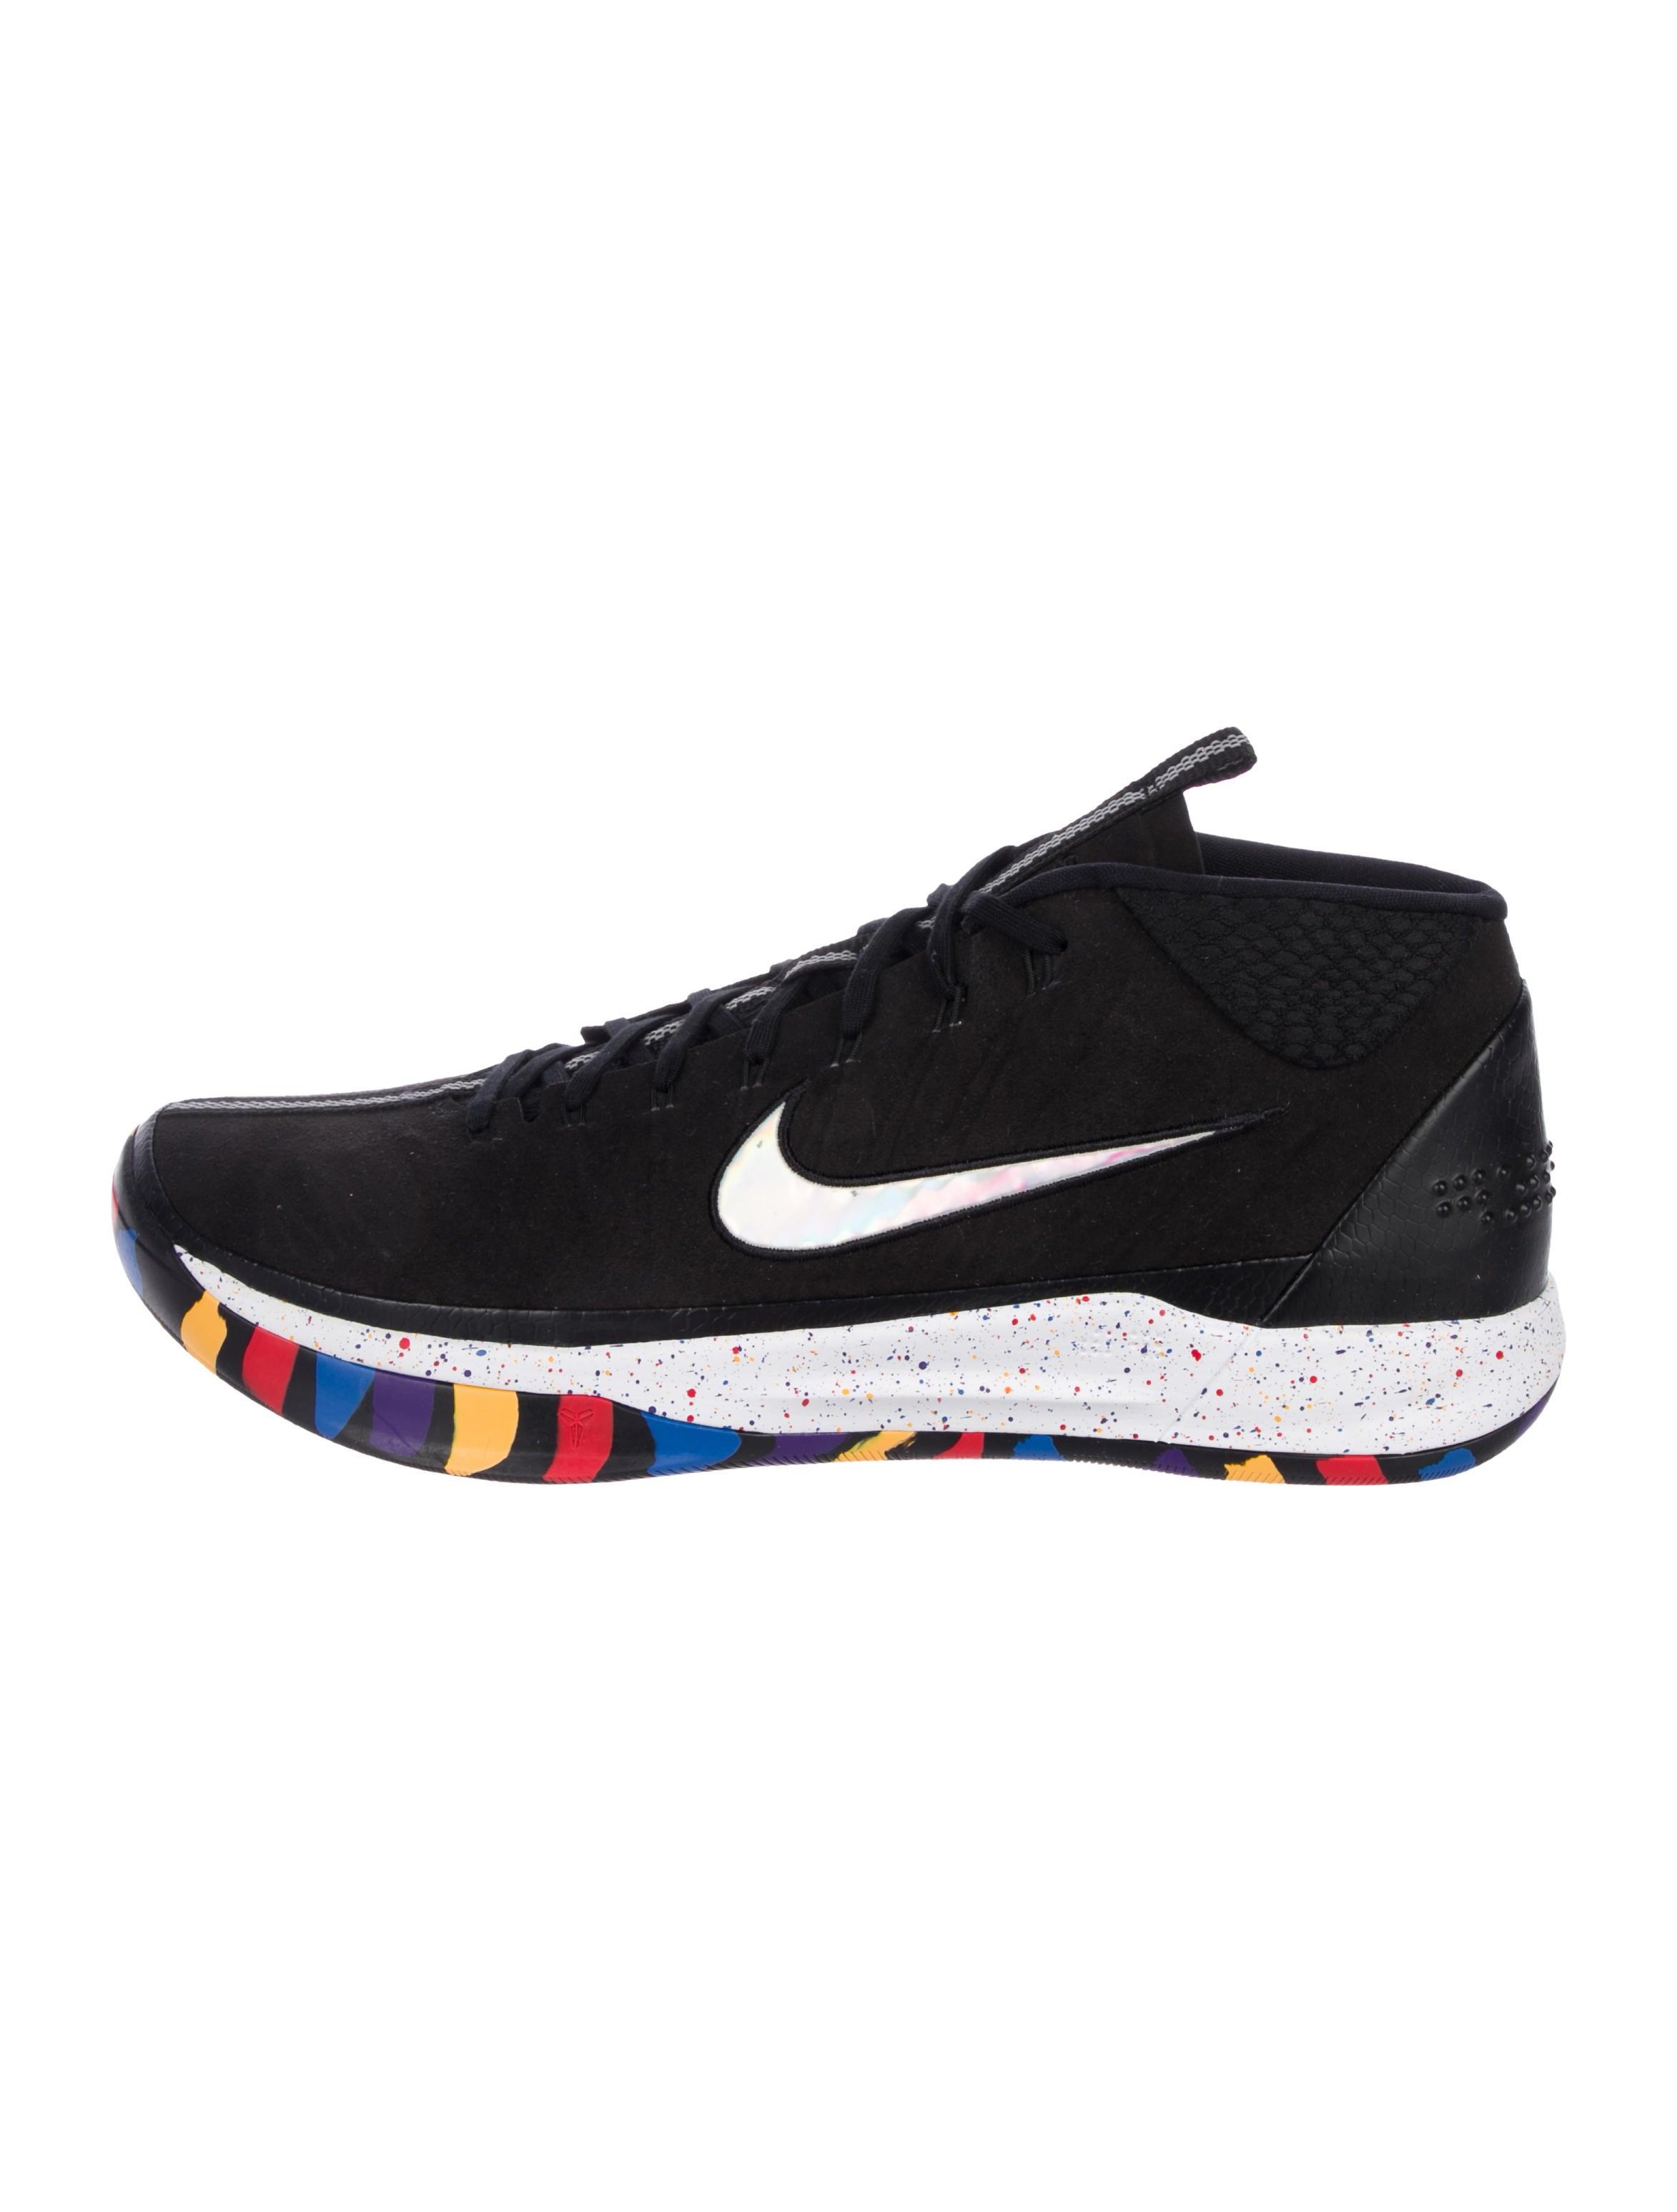 258ea33c16fc Nike Kobe AD NCAA Sneakers w  Tags - Shoes - WU227425